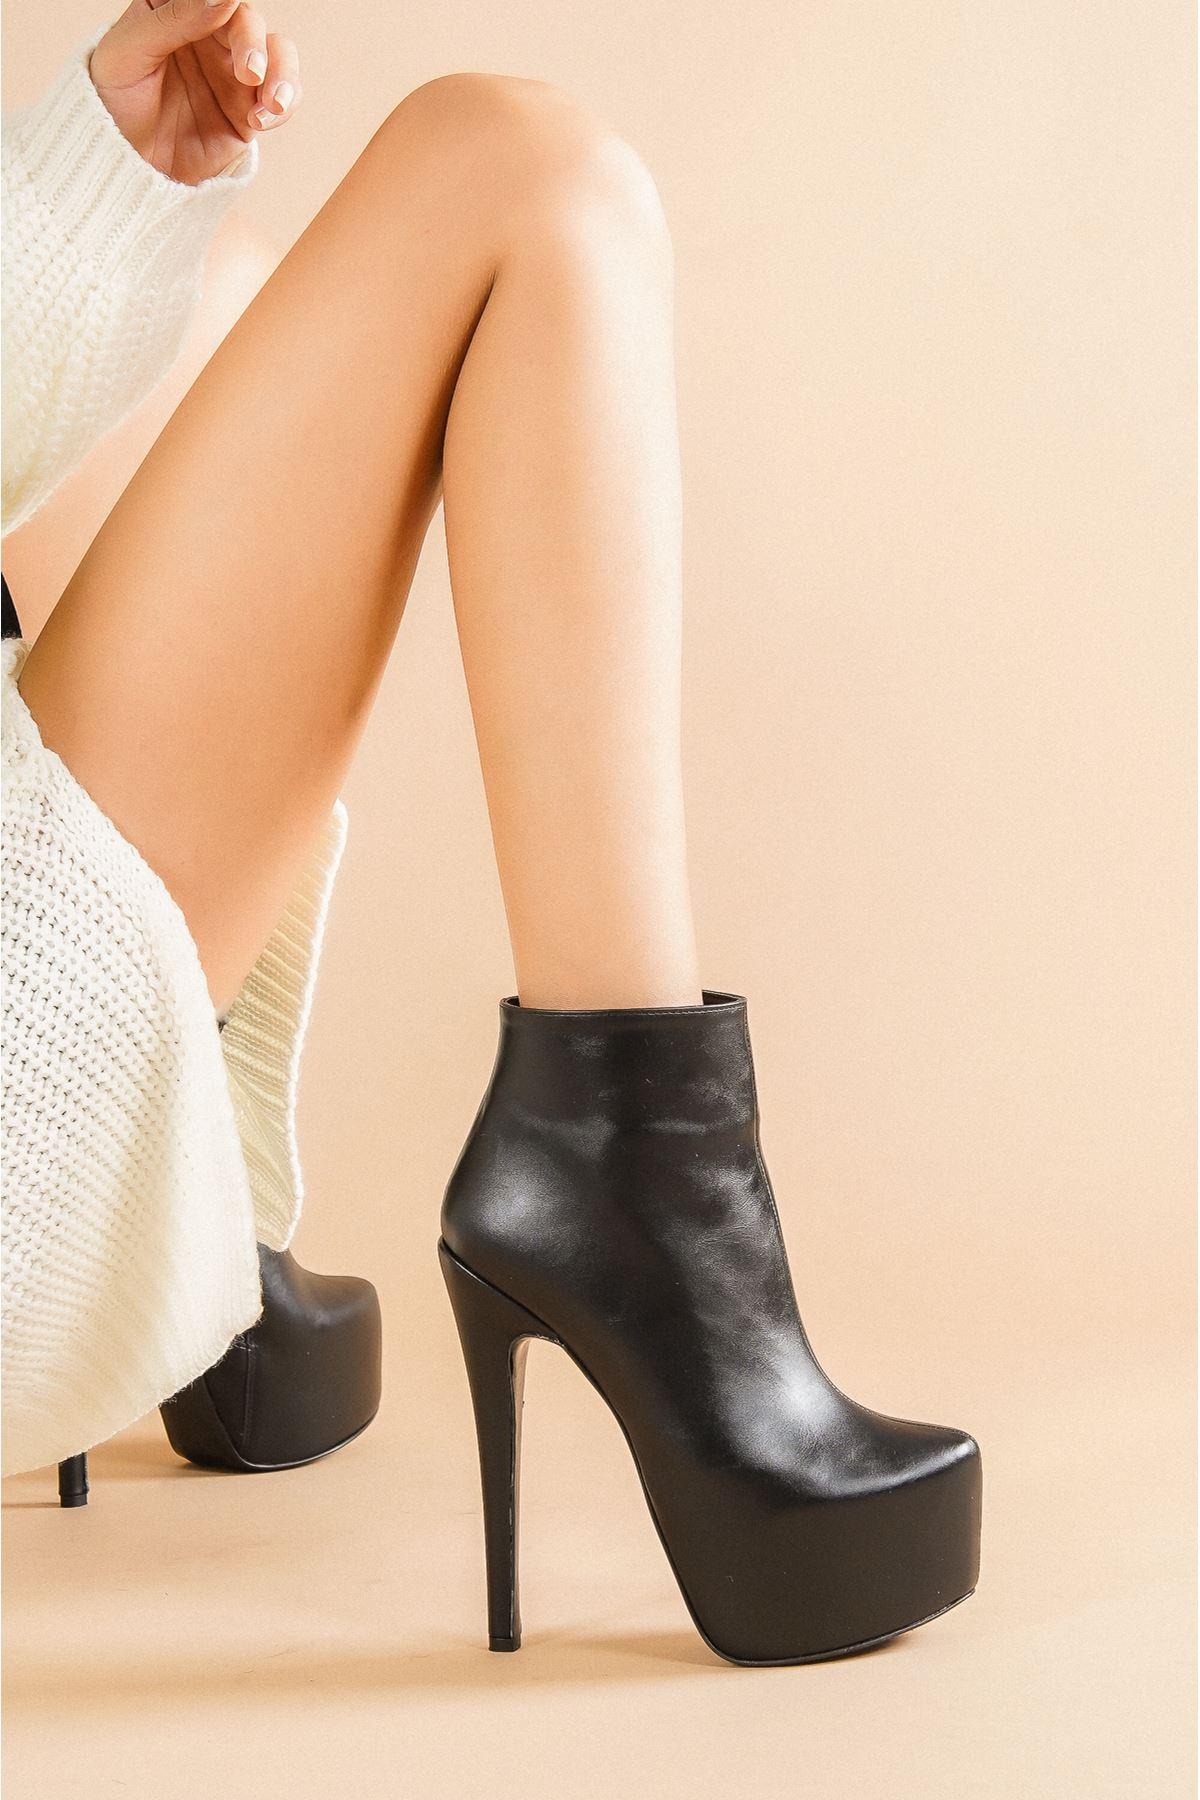 Punta Siyah  Cilt Topuklu Kadın Bot